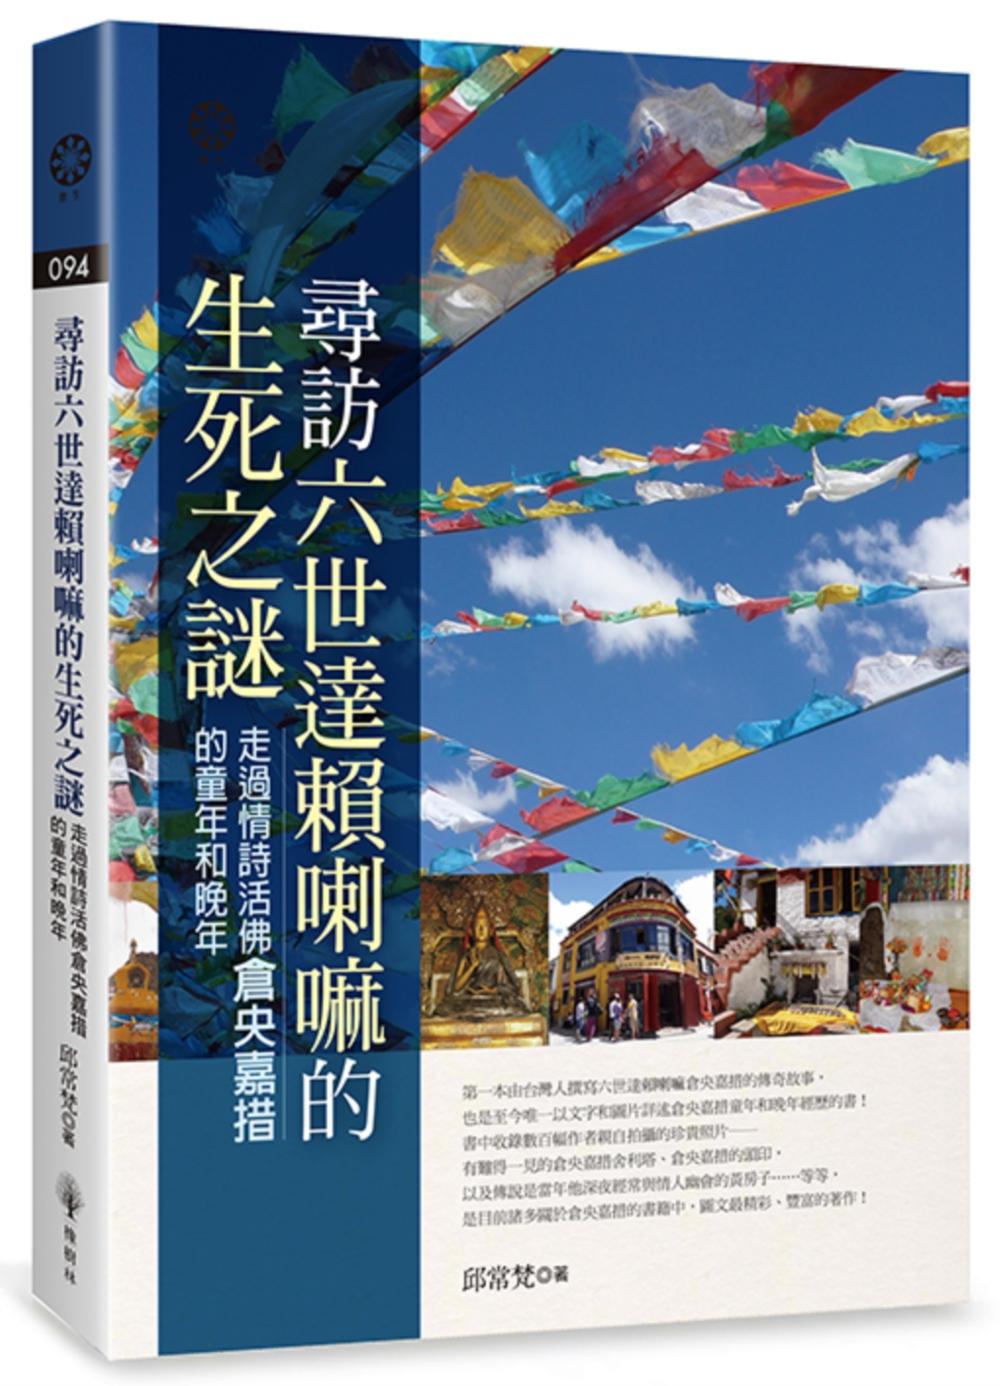 尋訪六世達賴喇嘛...